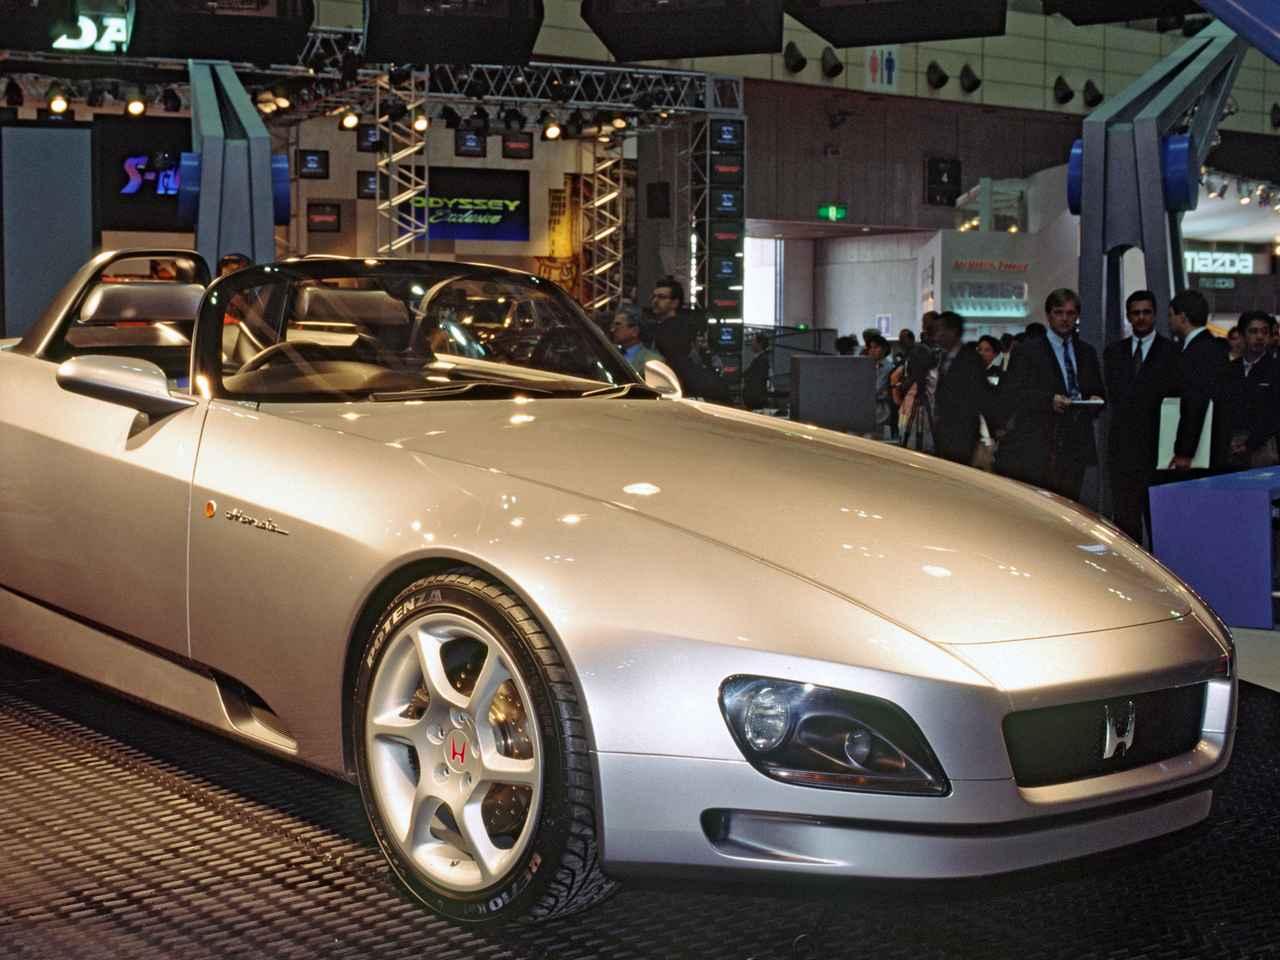 【懐かしの東京モーターショー 15】1995年、ホンダがSSMを出展。これがS2000のベースとなった